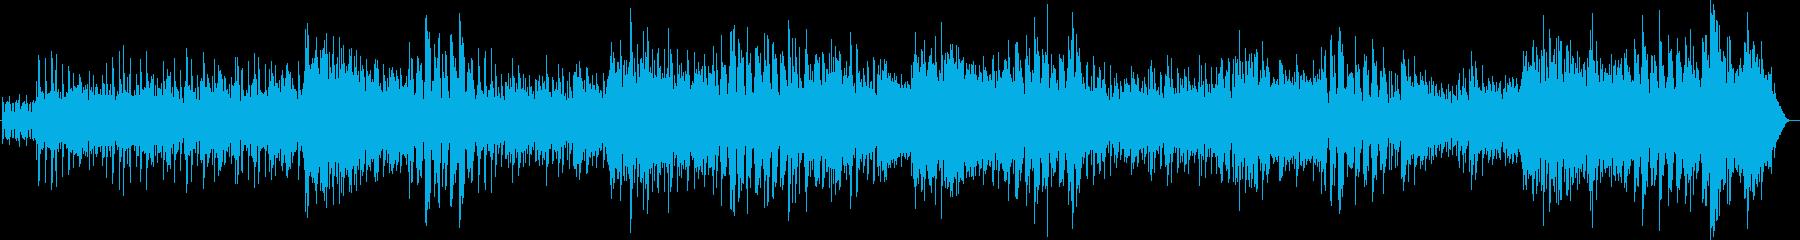 サンバ 爽やかでグルーヴィーなボサノバの再生済みの波形